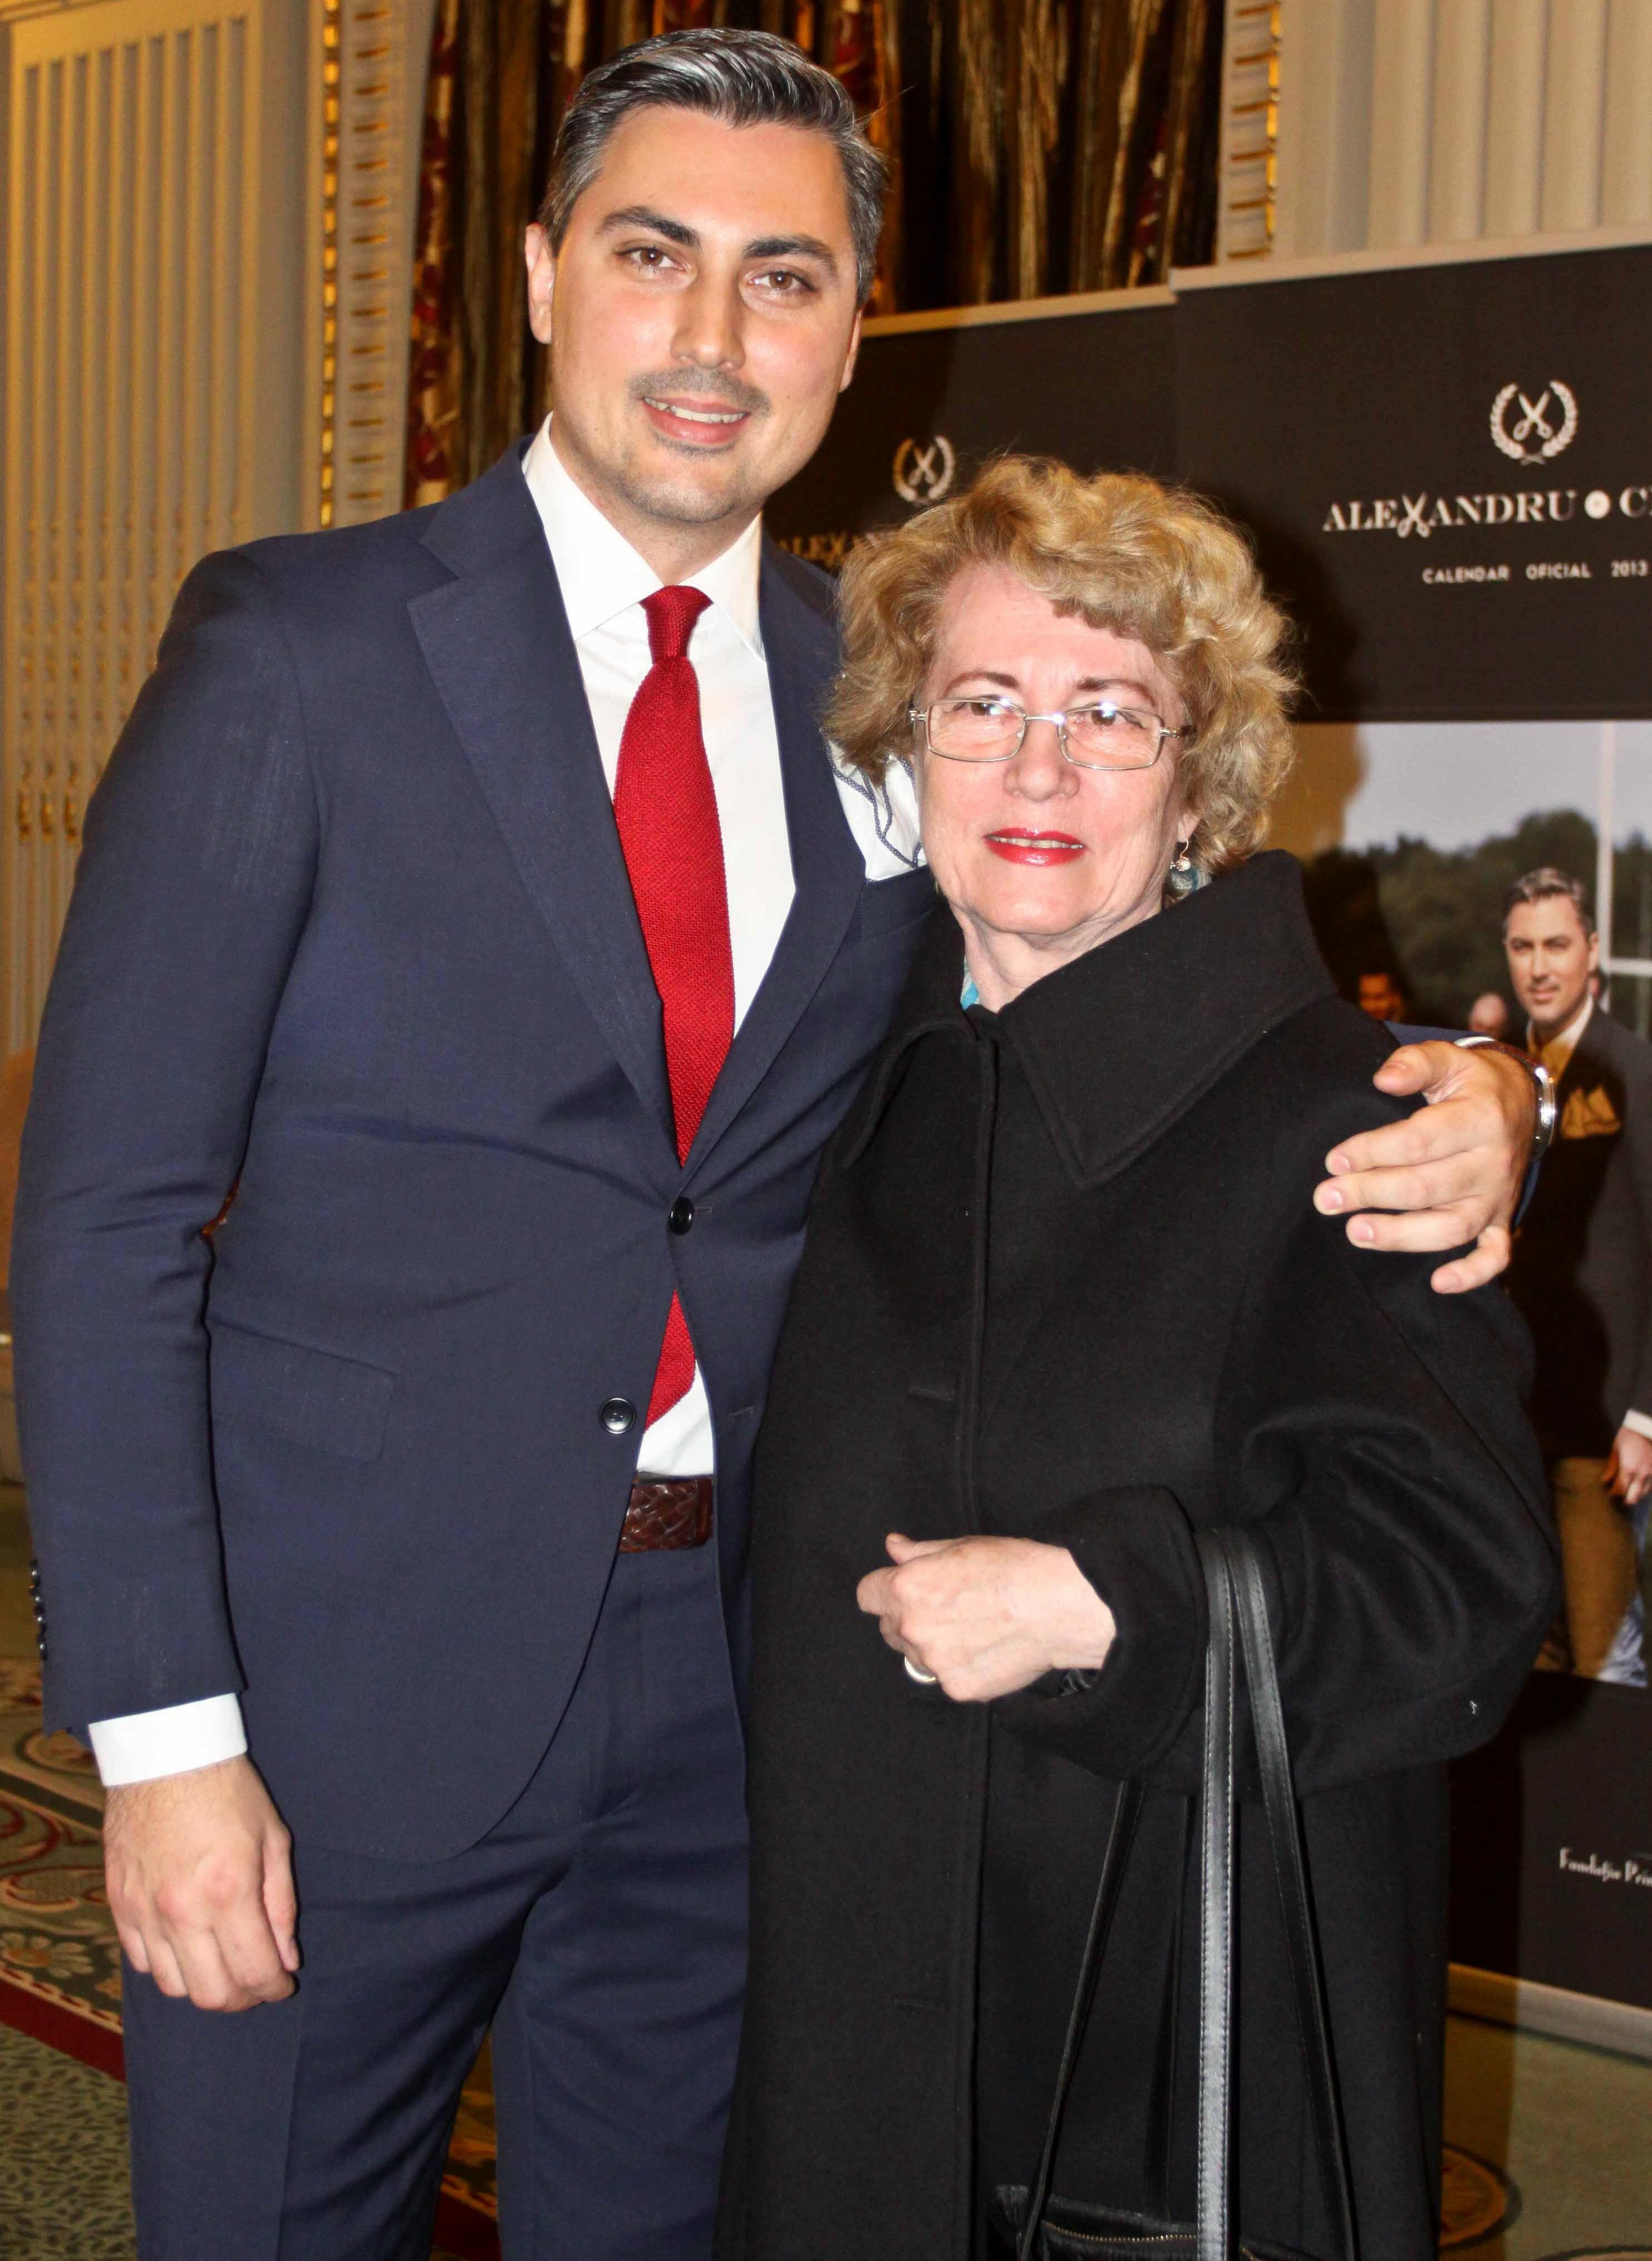 Alexandru Ciucu, alături de mama sa.